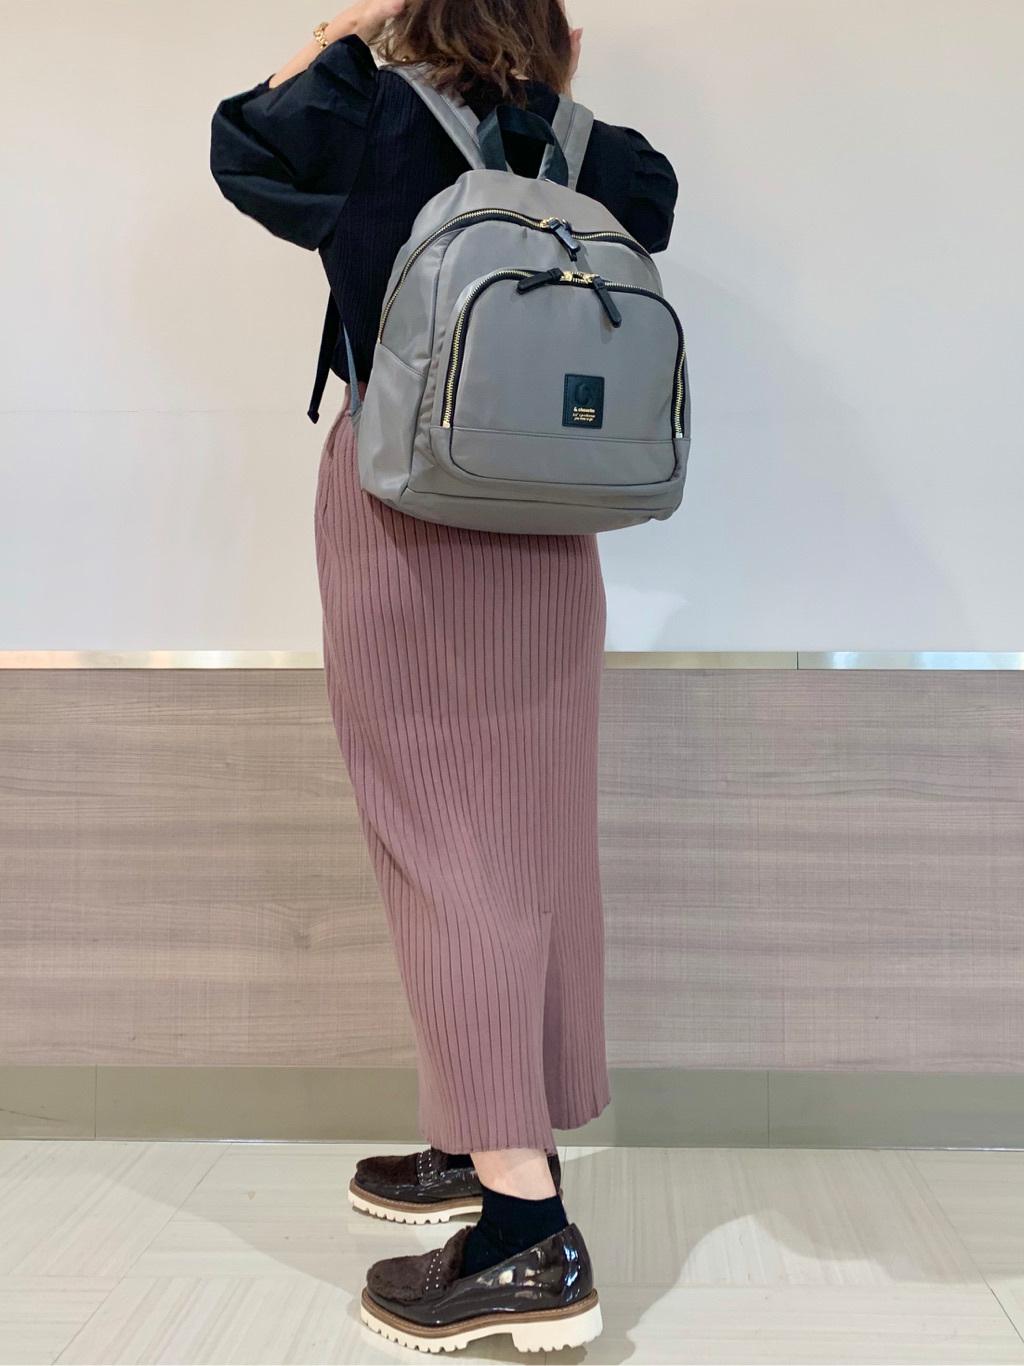 & シュエットギャラリー 四条畷店 naka_mai